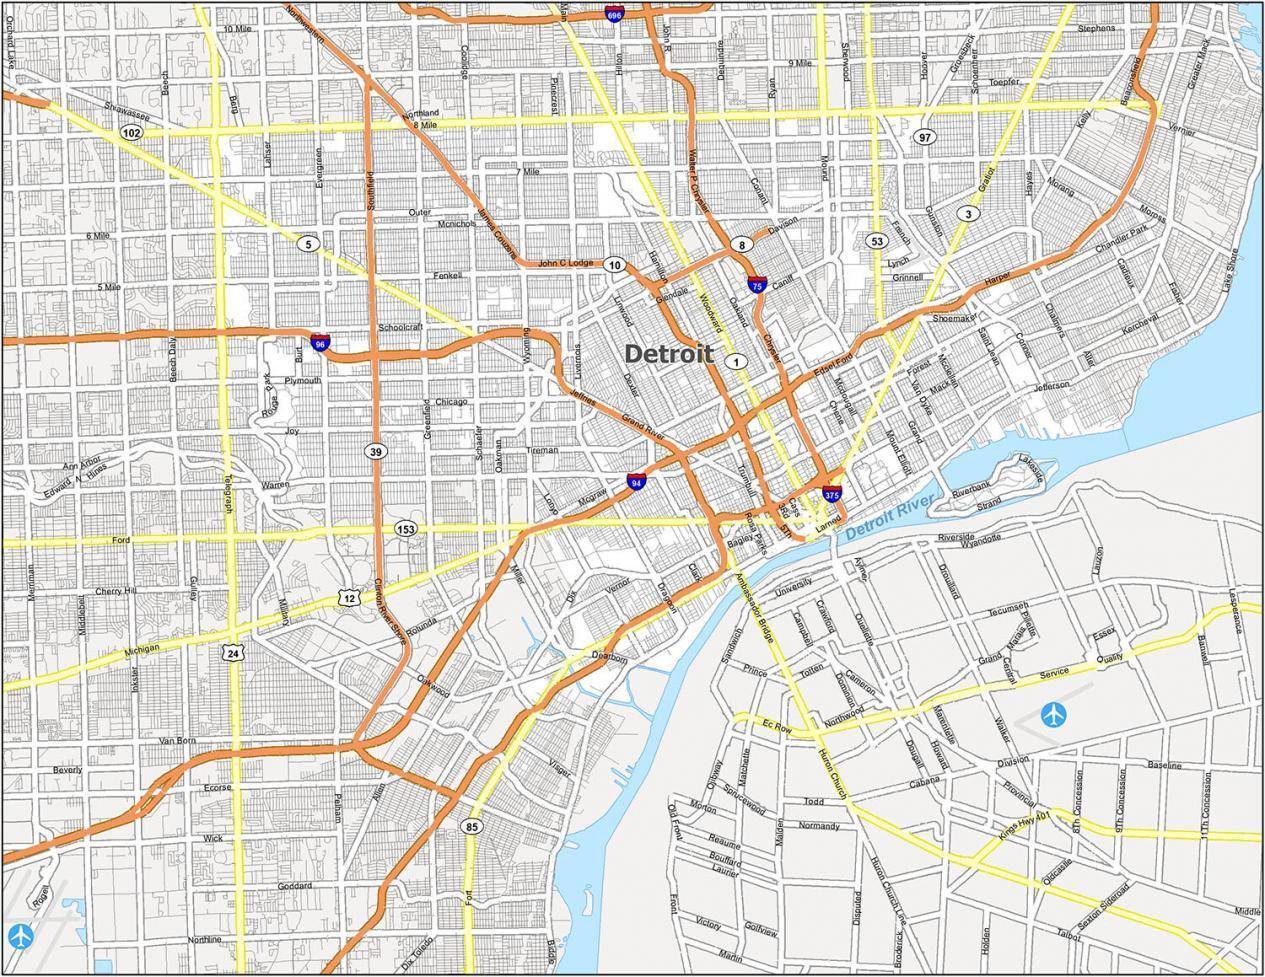 Detroit Road Map